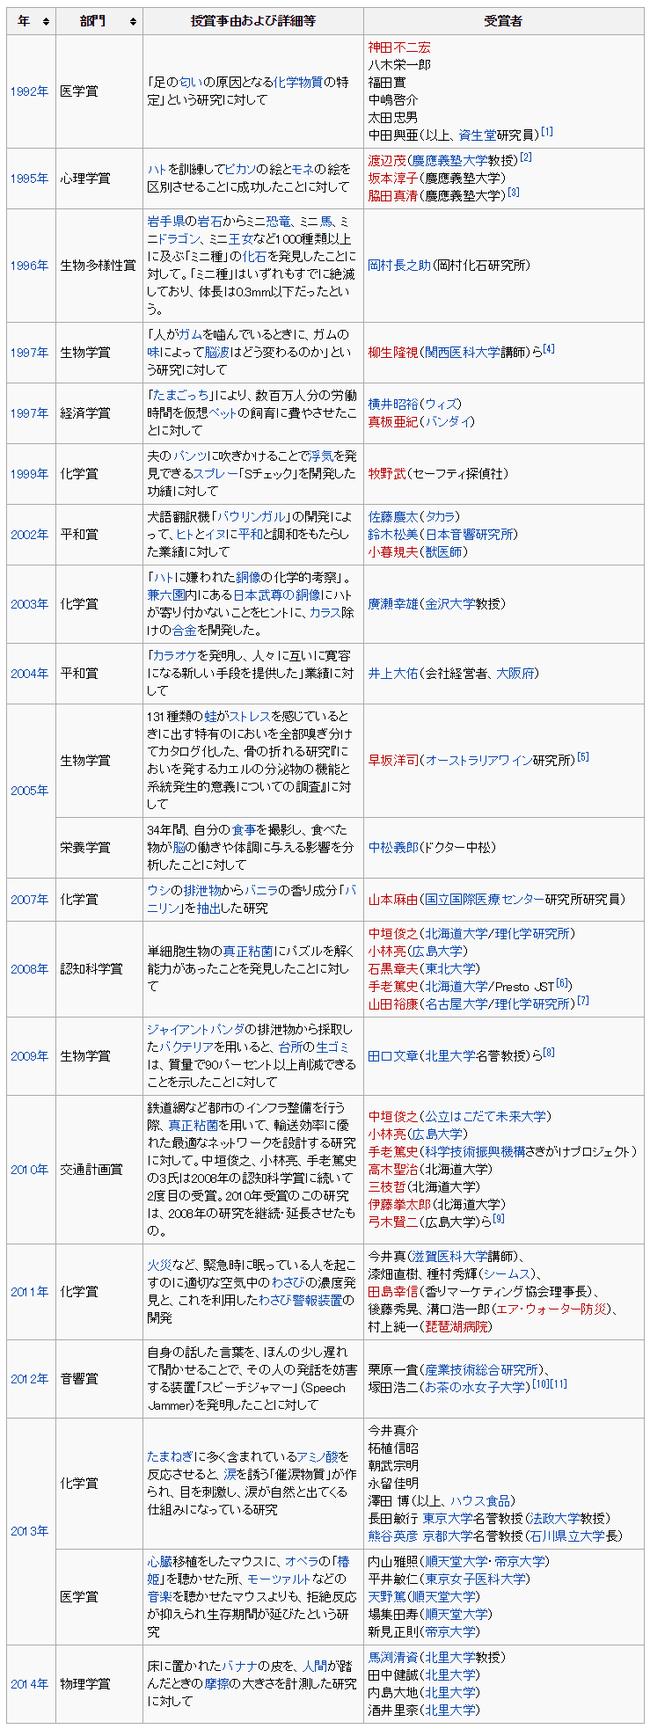 �����Ρ��٥�����ܿͼ��Ԥΰ���   Wikipedia